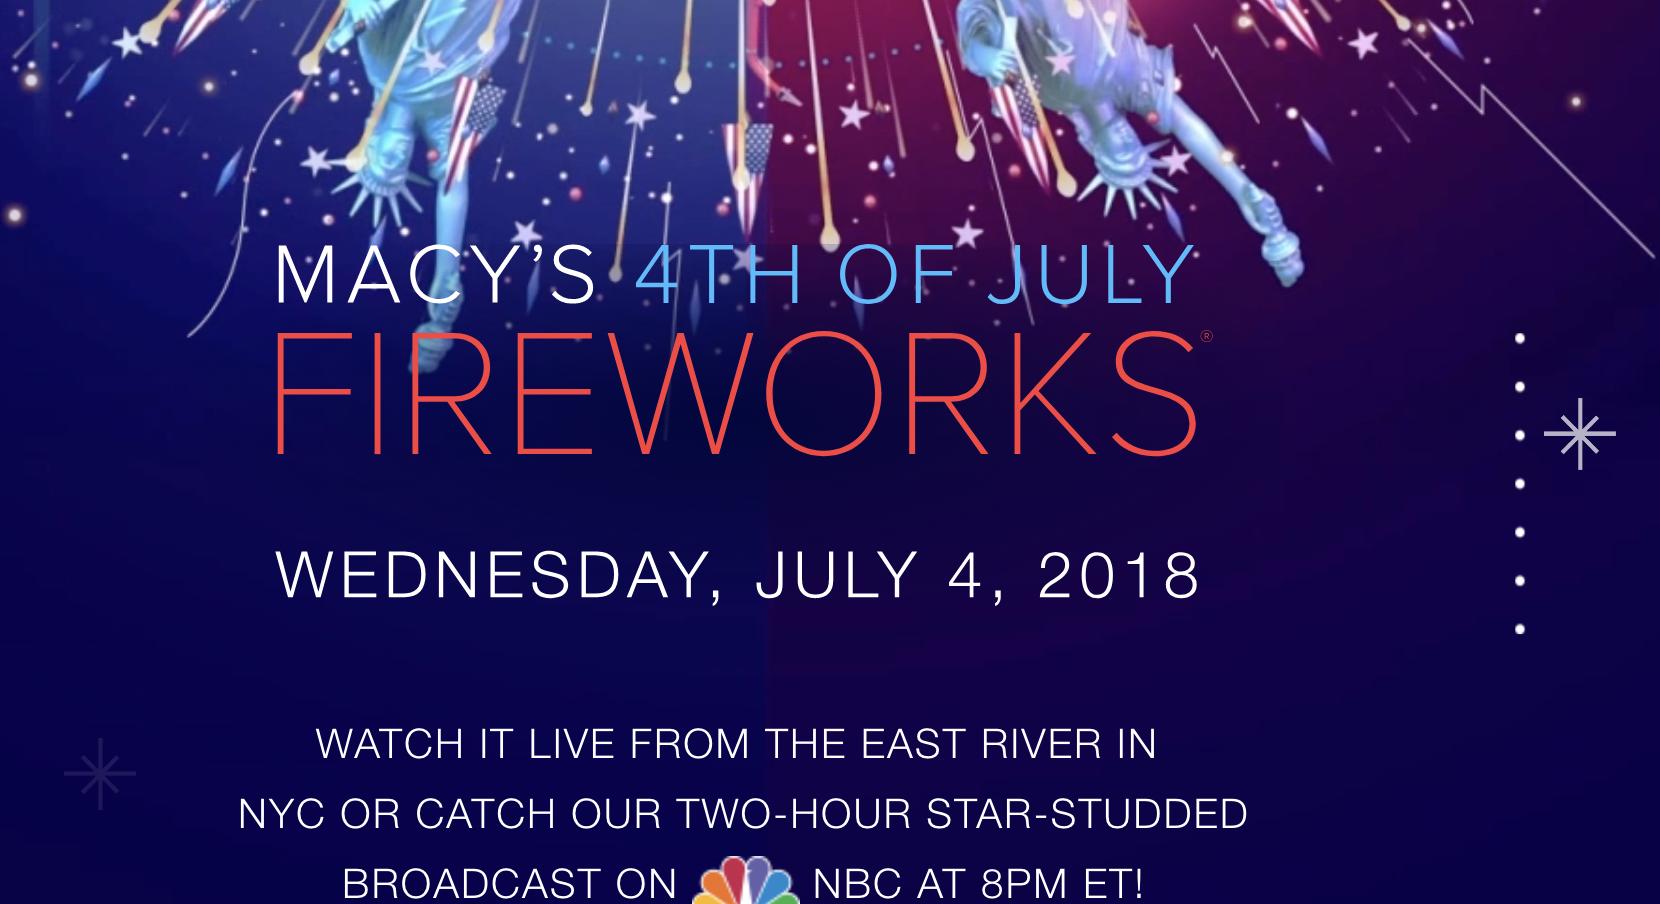 螢幕快照 2018-07-05 下午3.05.53